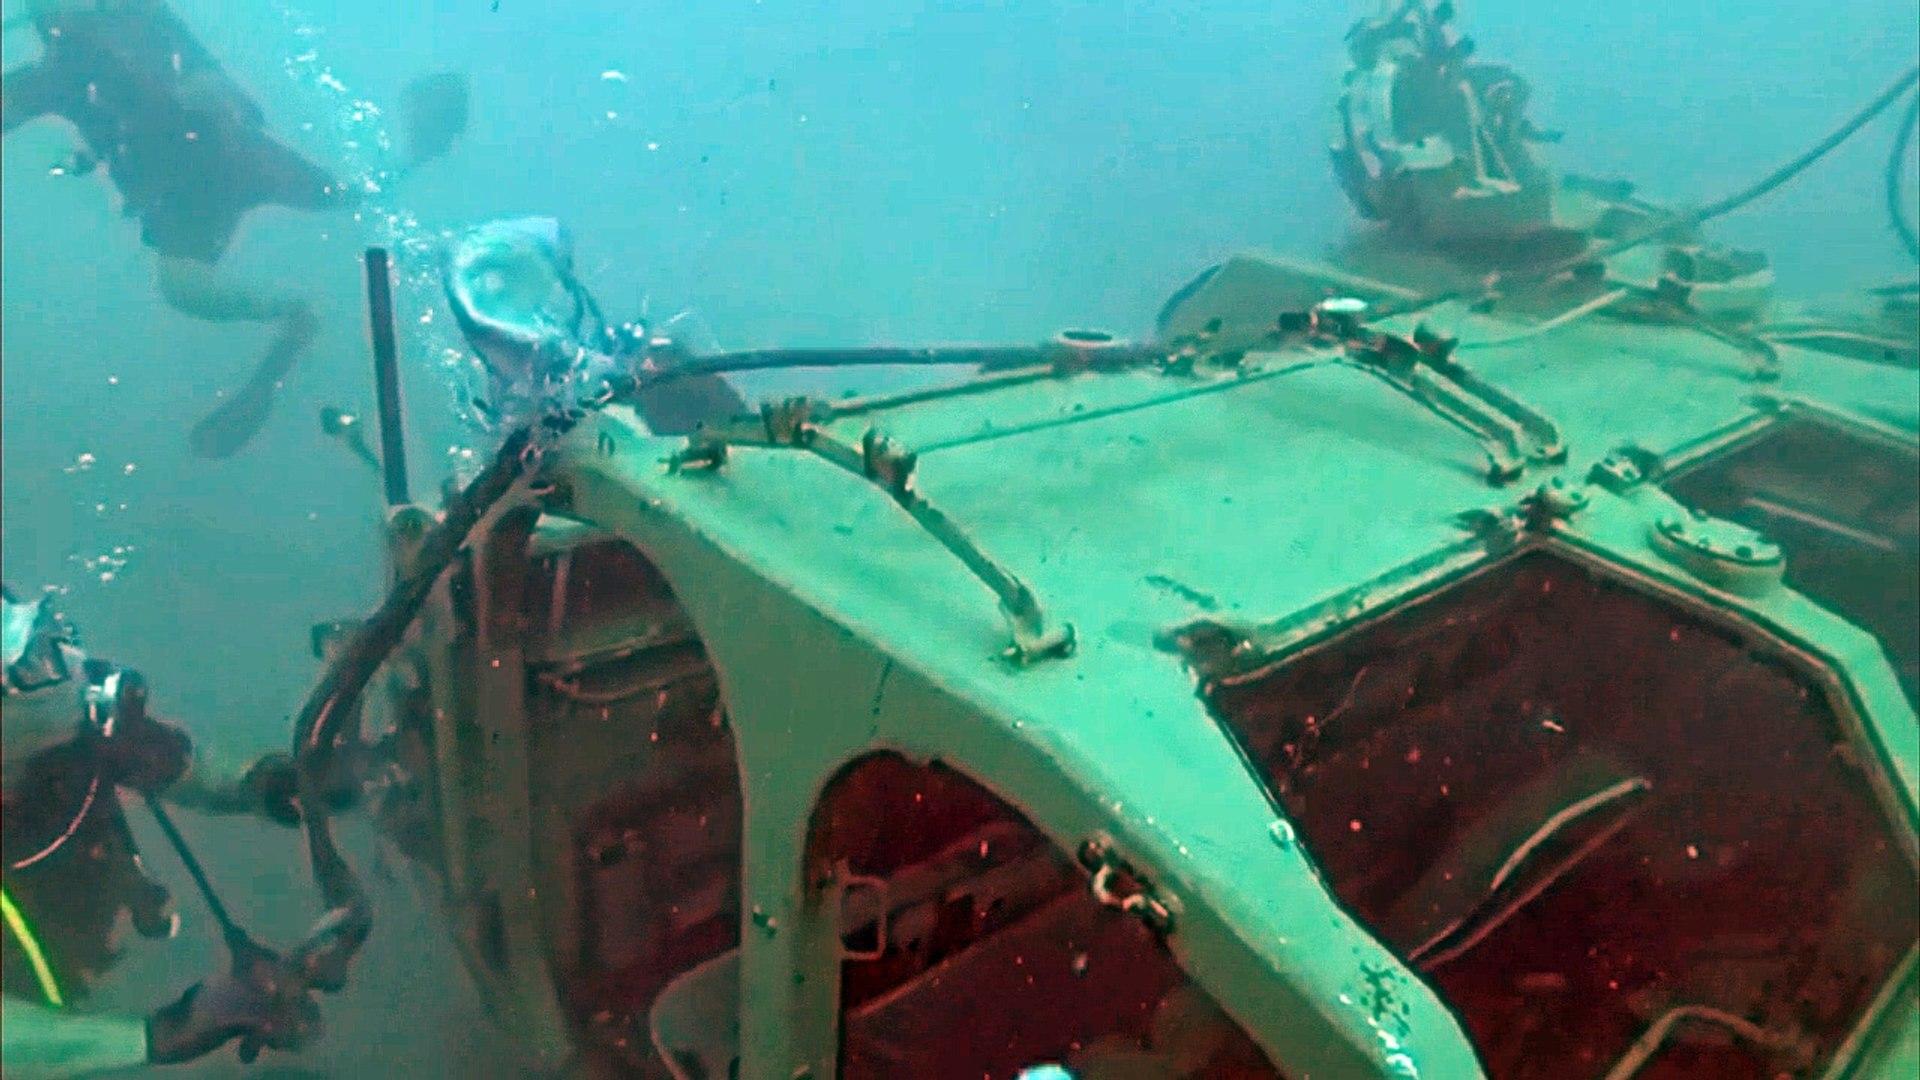 Hunden tanques en el mar del Líbano para atraer a submarinistas